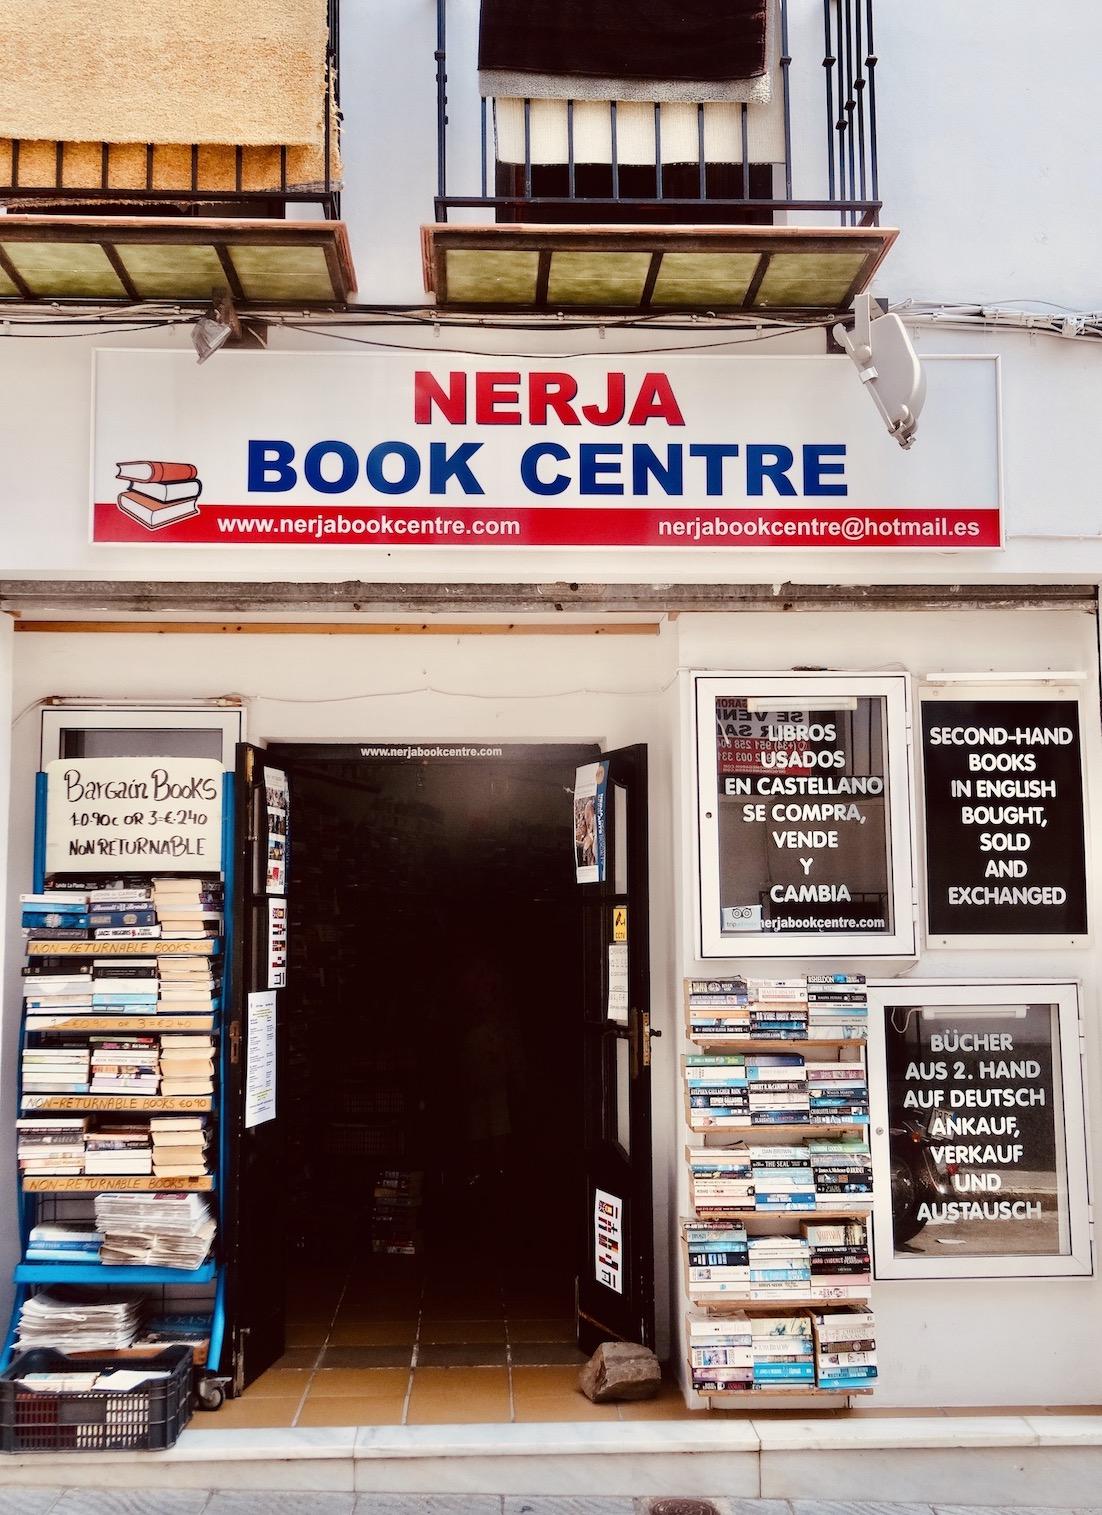 Nerja Book Centre Spain.